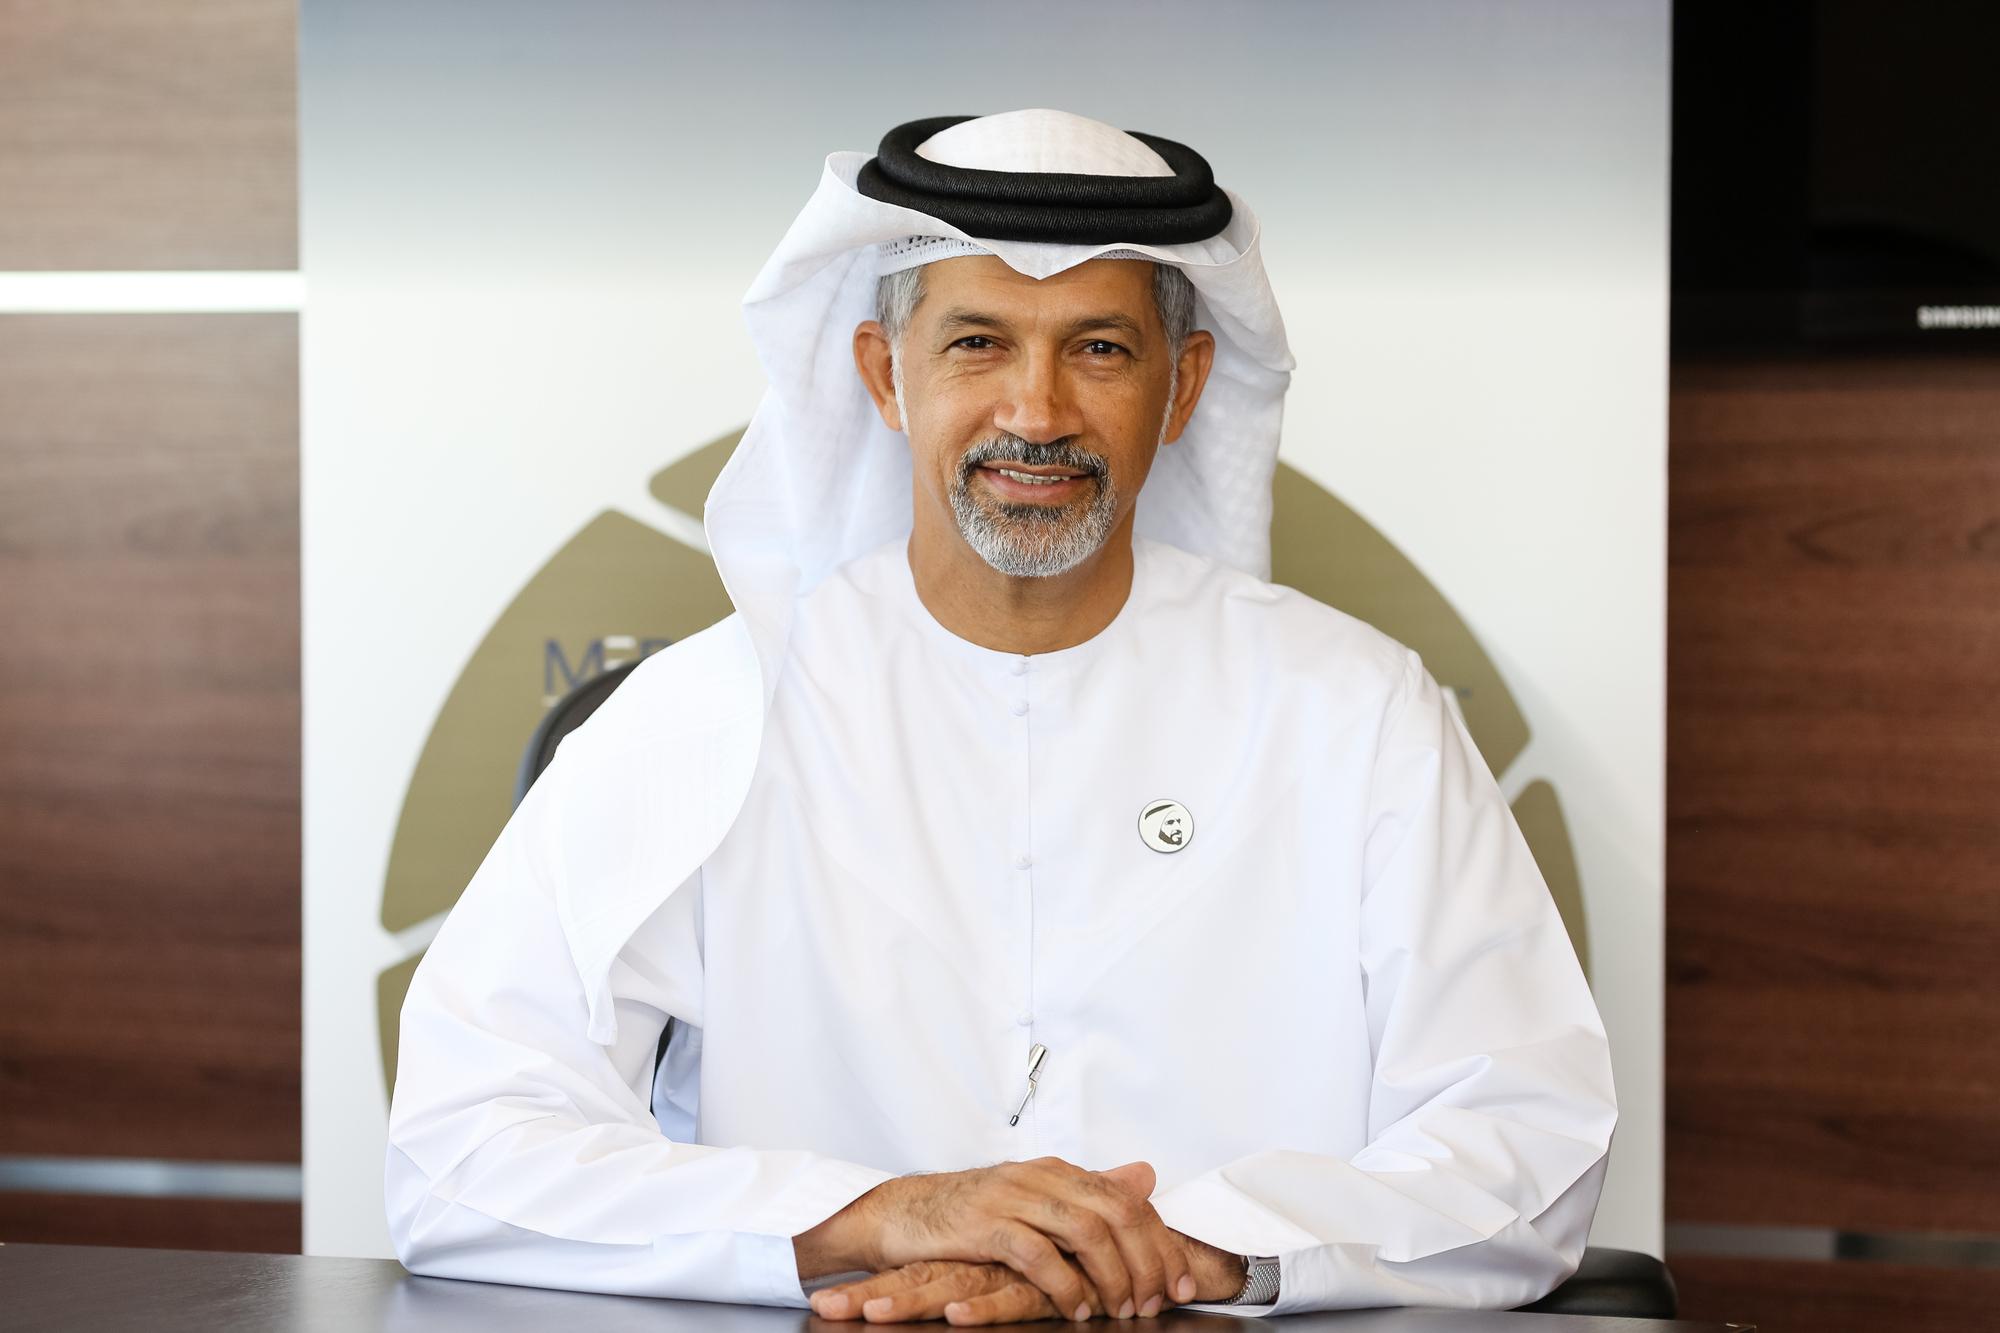 معرض طائرات رجال الأعمال والطائرات الخاصة في الشرق الأوسط وشمال أفريقيا يعود ليسلط الضوء على مستقبل توجهات قطاع الطيران للعام 2020